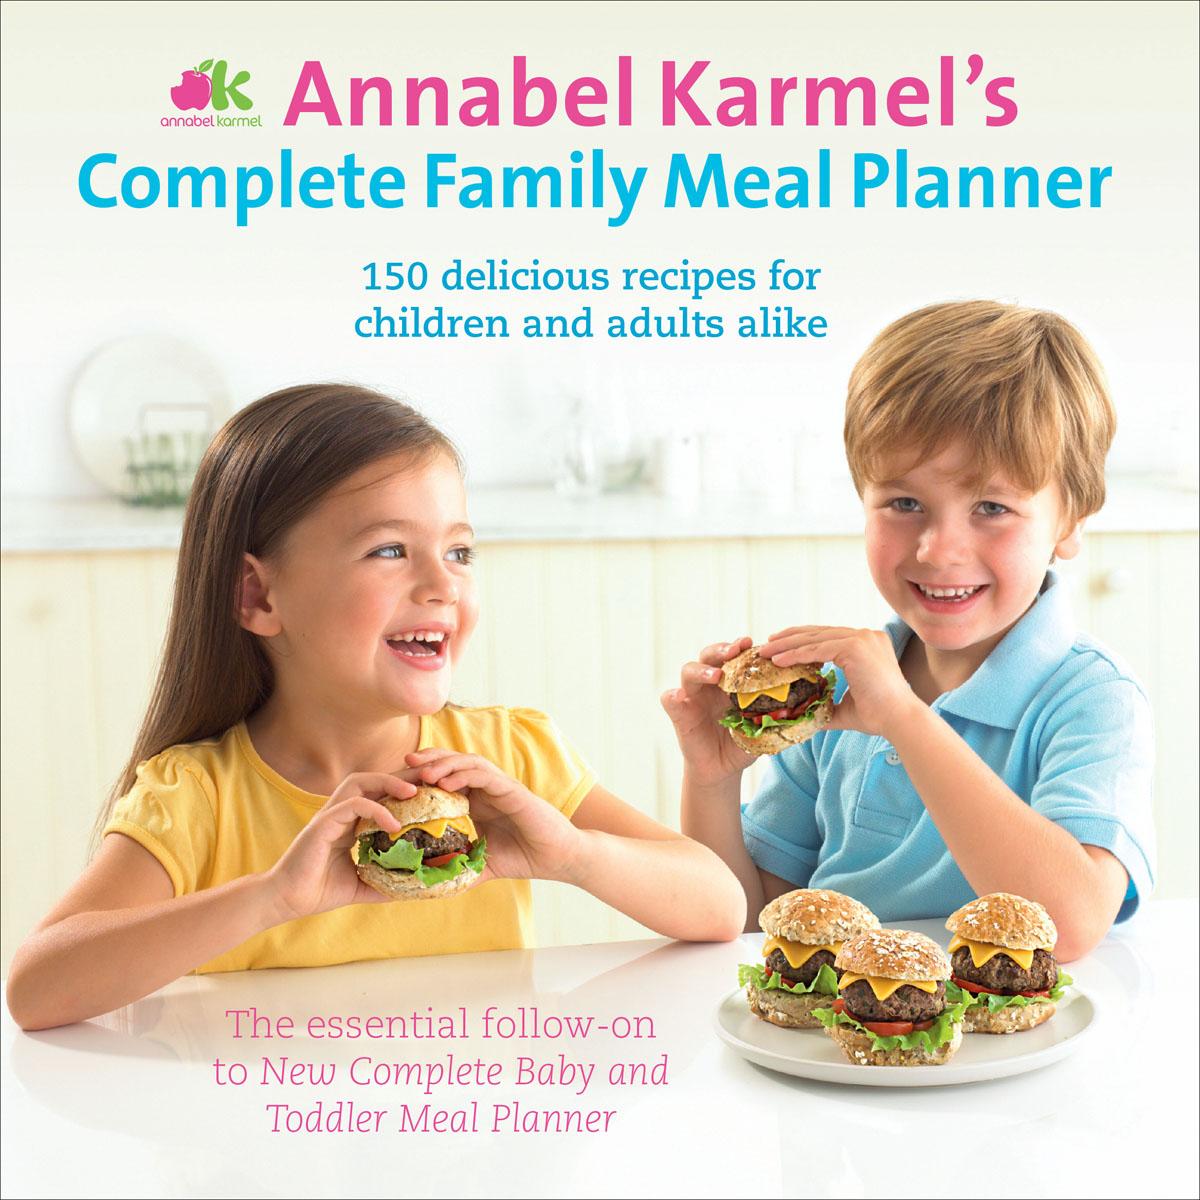 Karmel, Annabel. Annabel Karmel's Complete Family Meal Planner